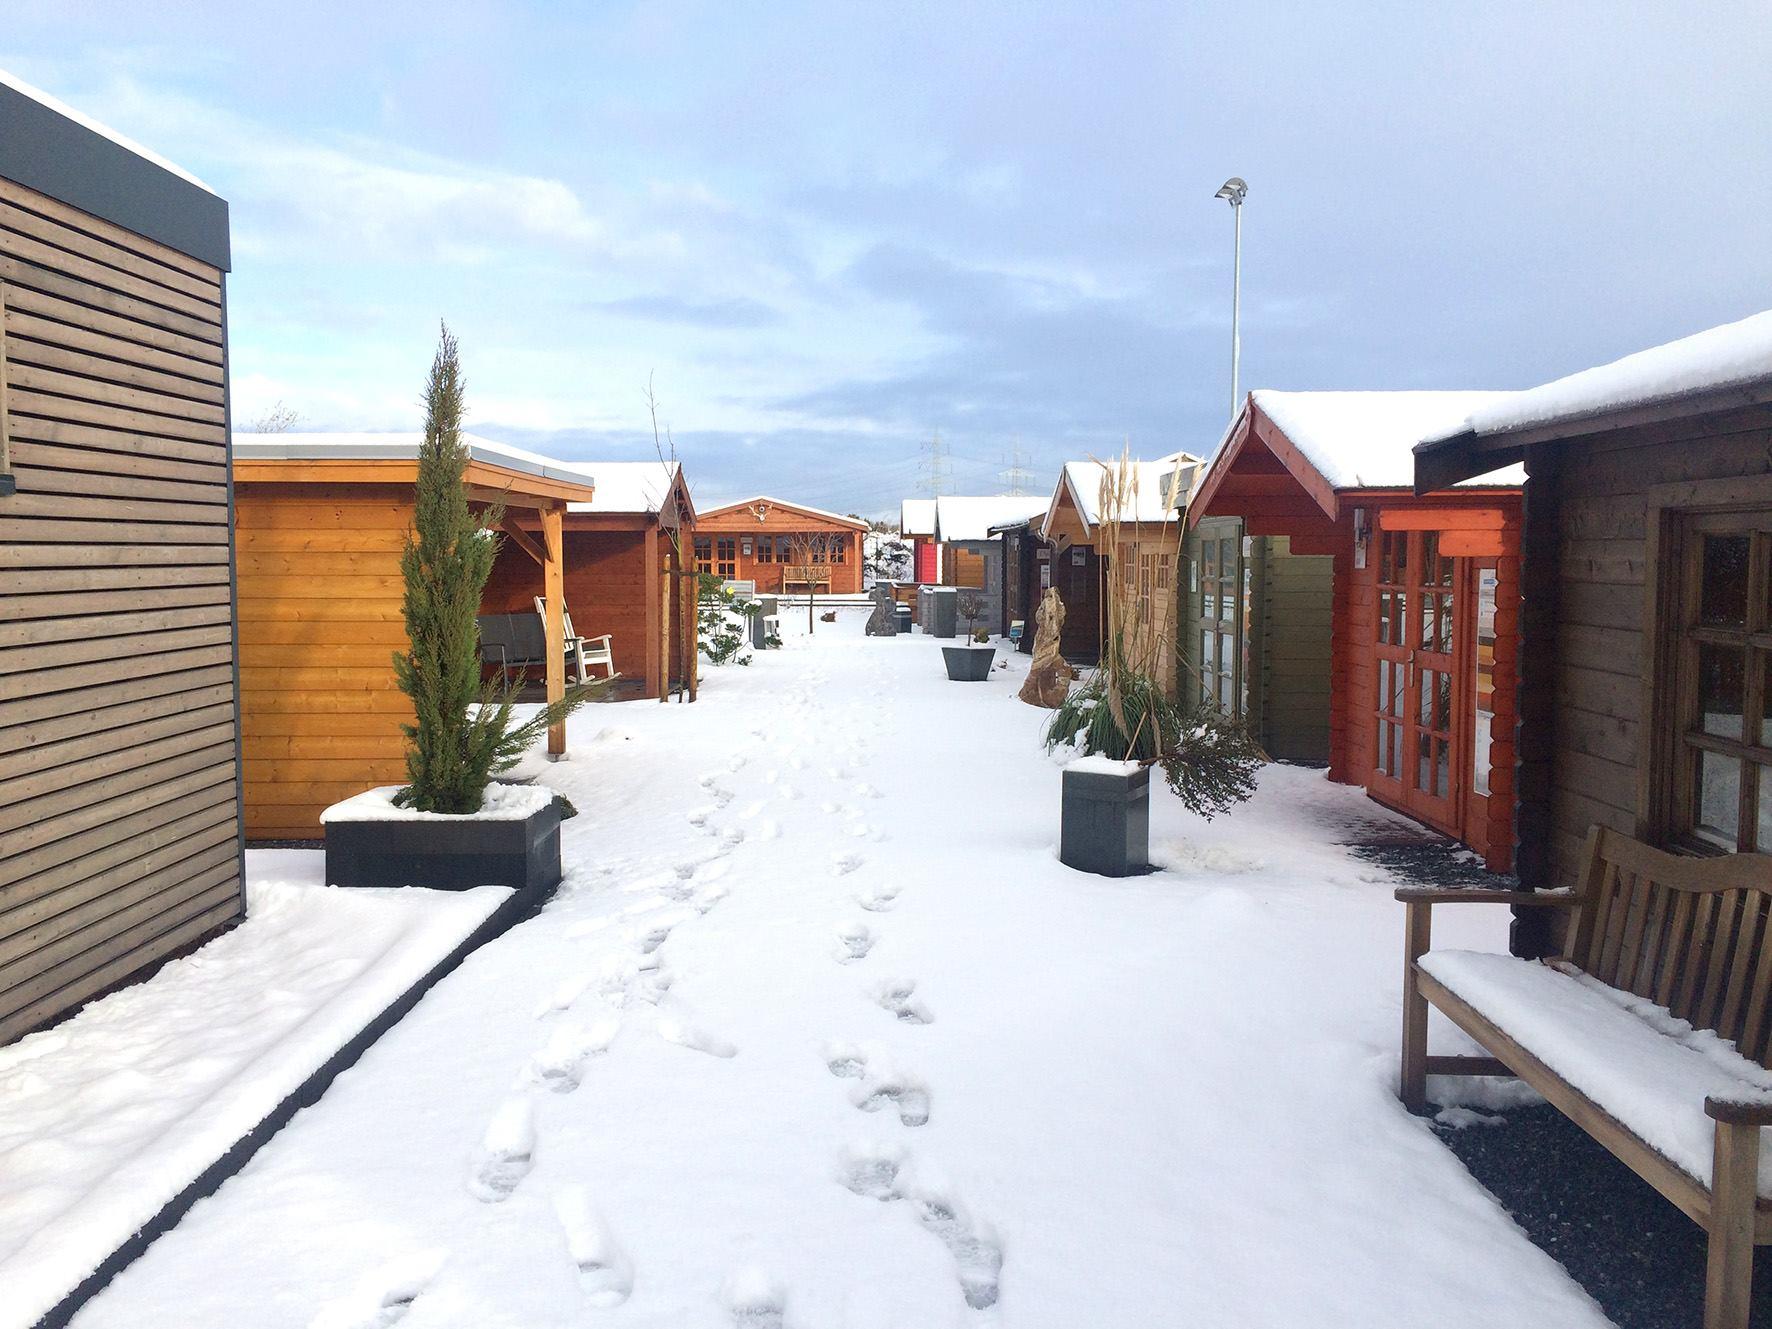 gartenmobel holz im winter drausen – denvirdev, Gartengerate ideen